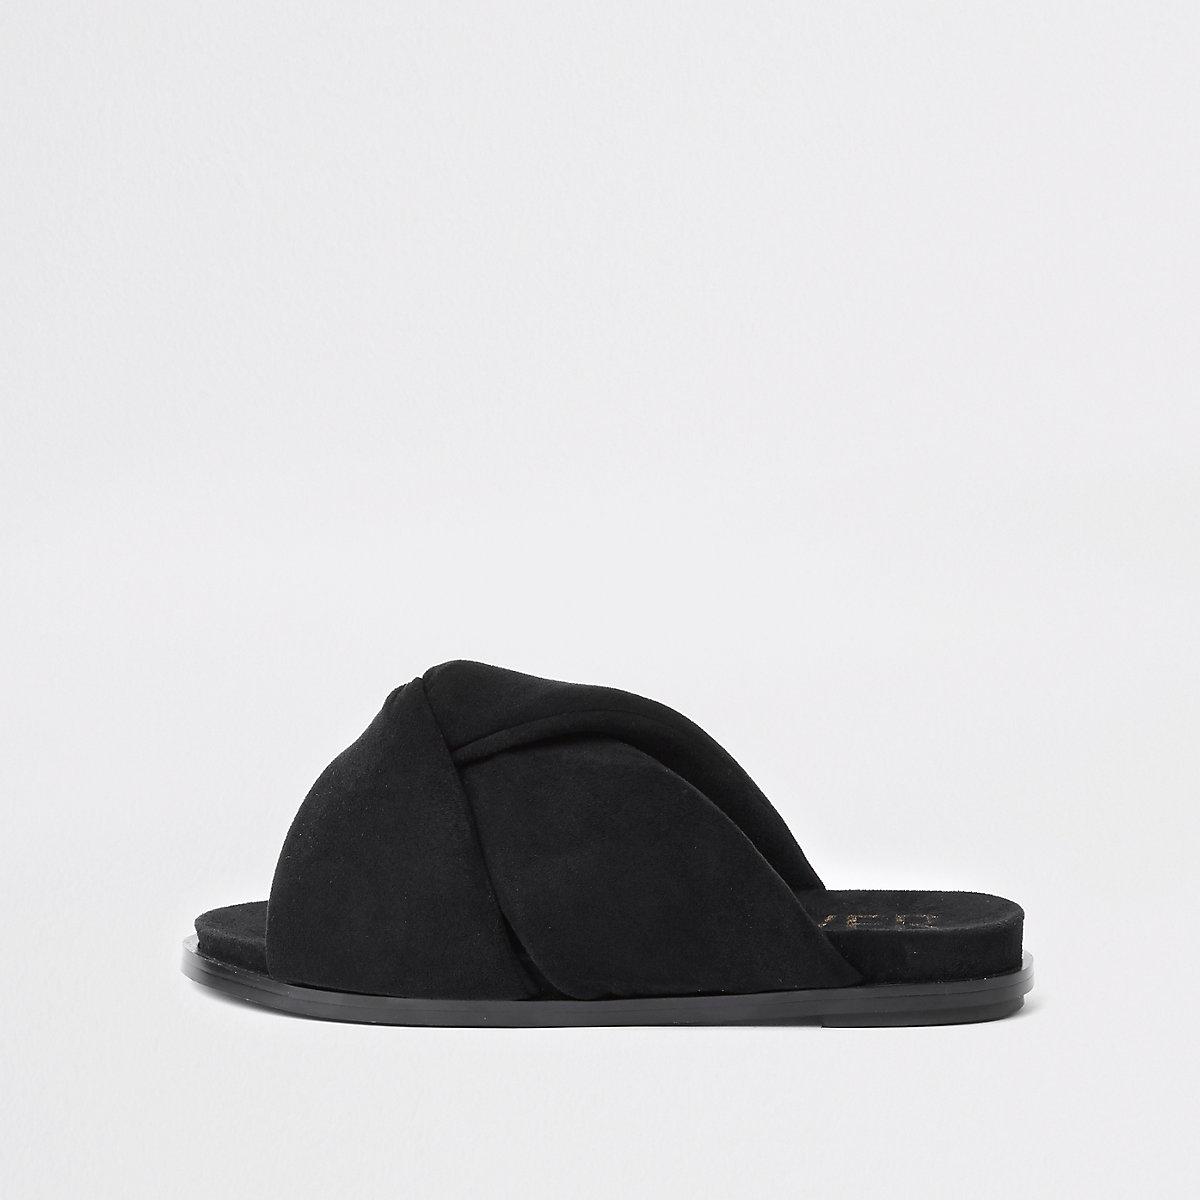 Schwarze, wattierte Sandalen